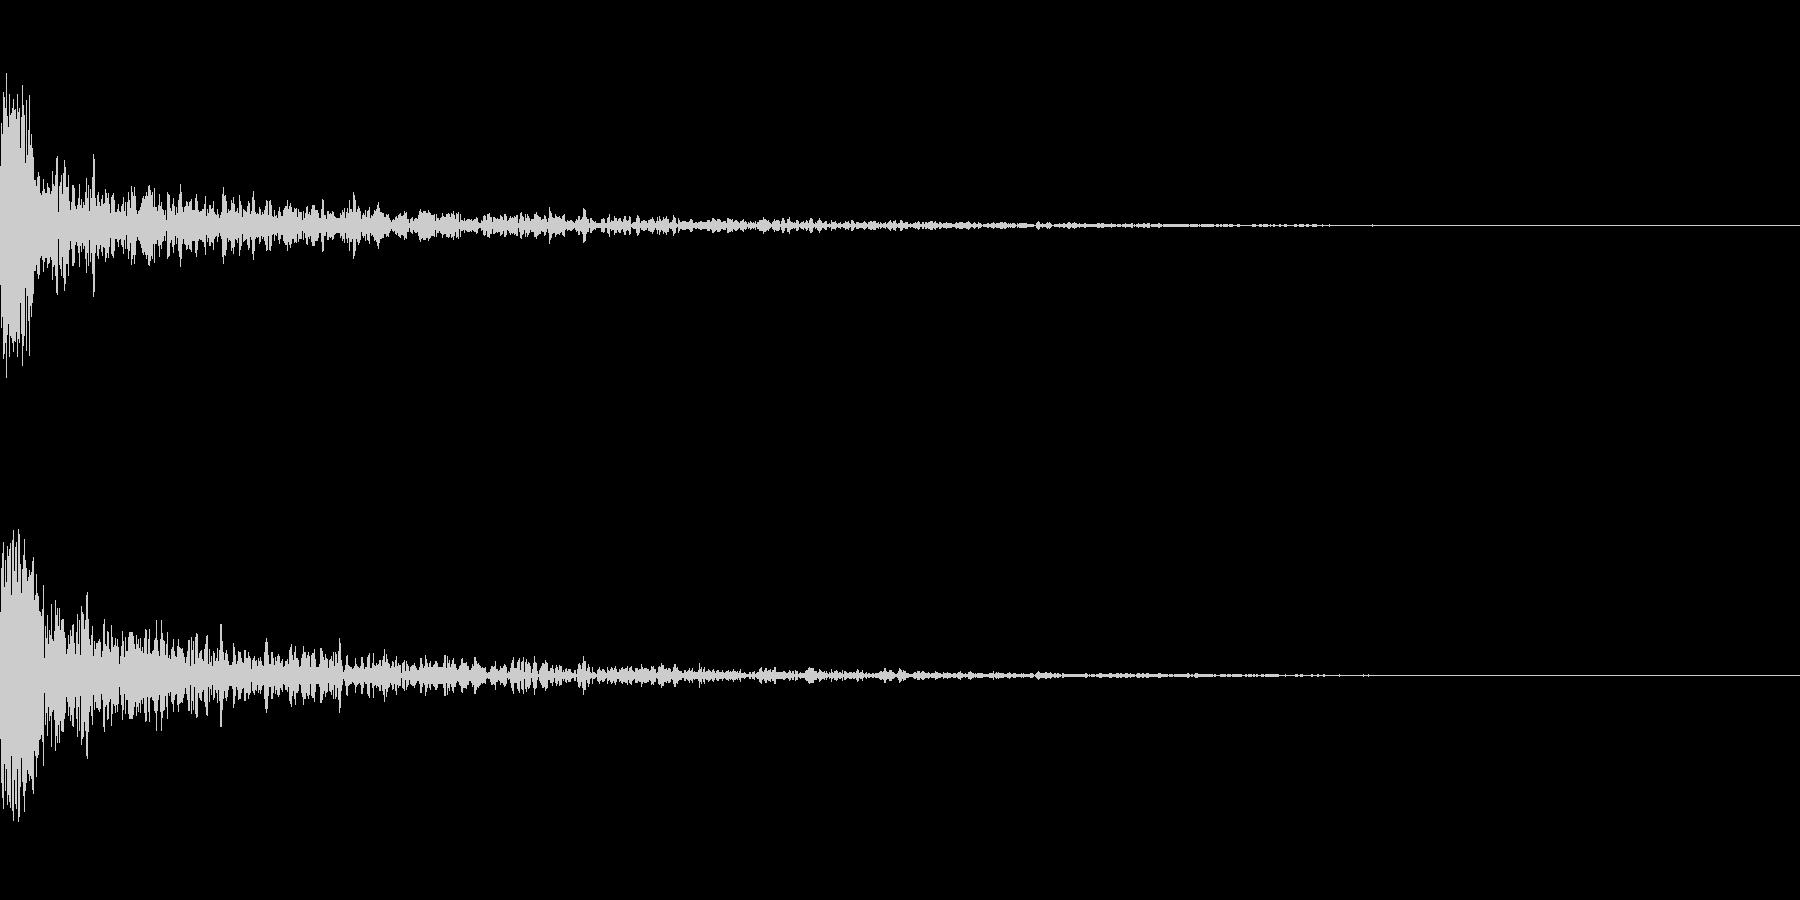 ドーン-26-1(インパクト音)の未再生の波形